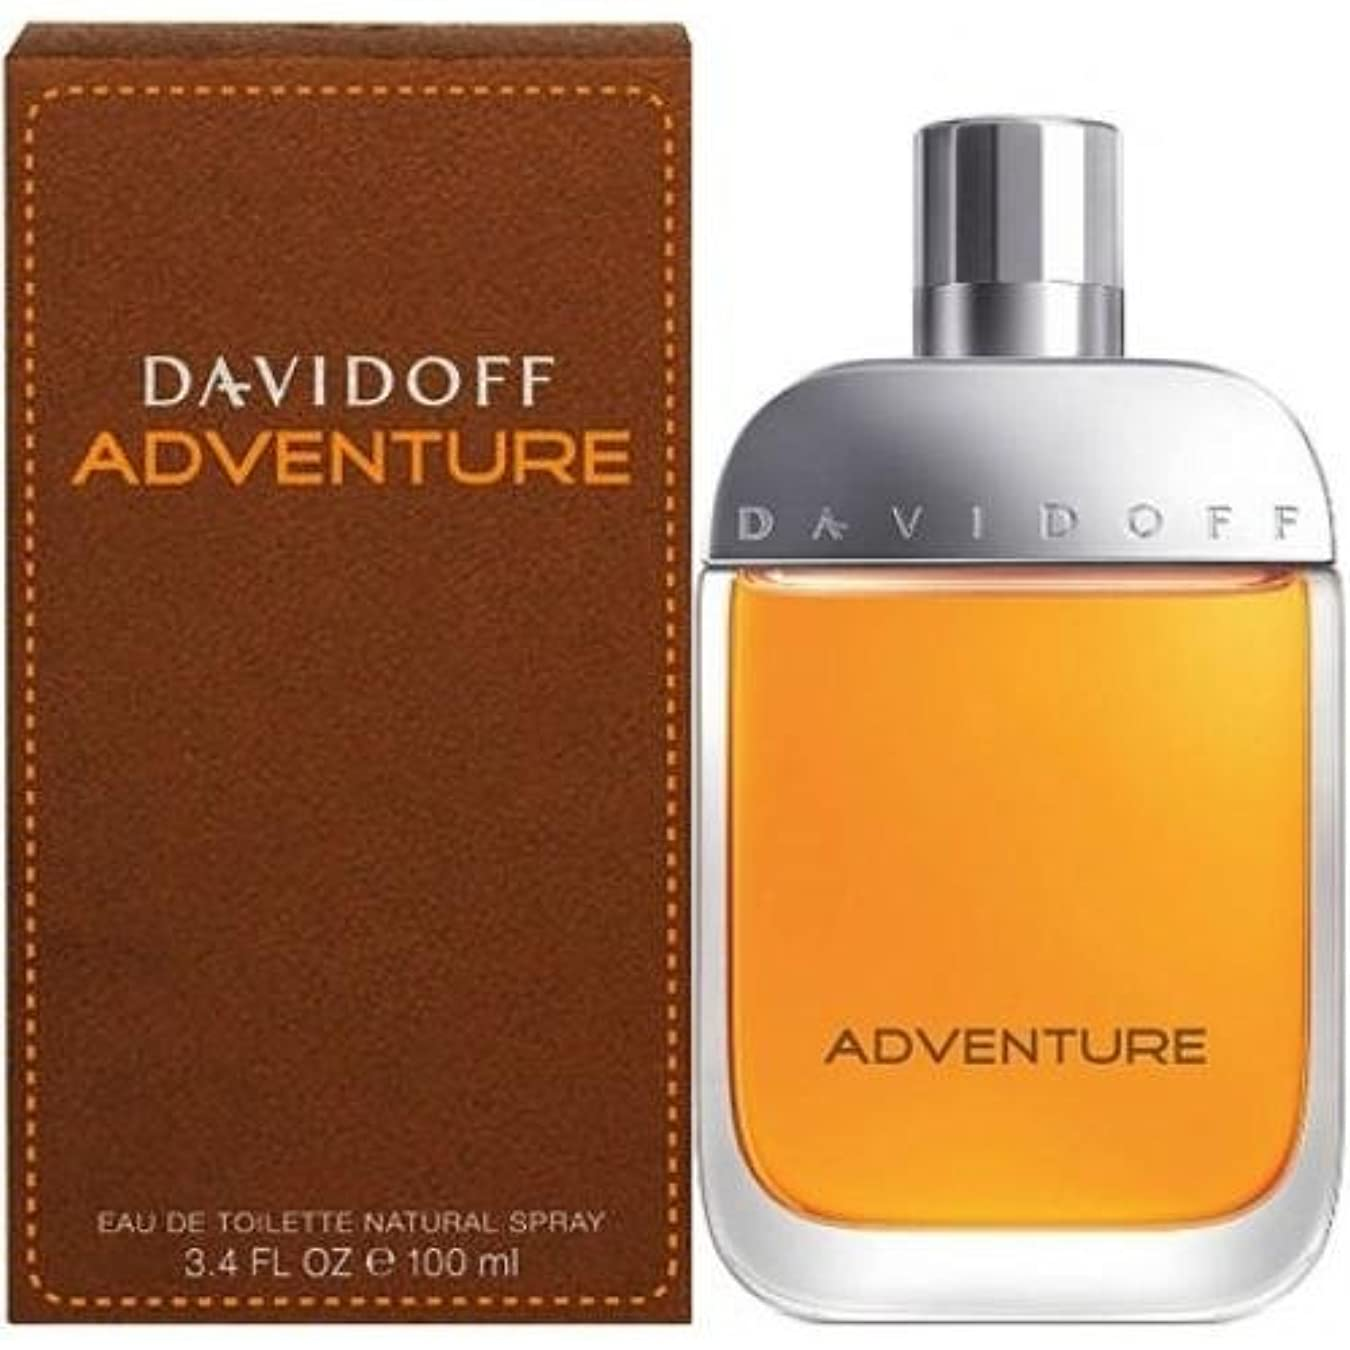 振り返るシーズンパンツダビドフ[DAVIDOFF]ダビドフアドベンチャー100mlオードトワレスプレー